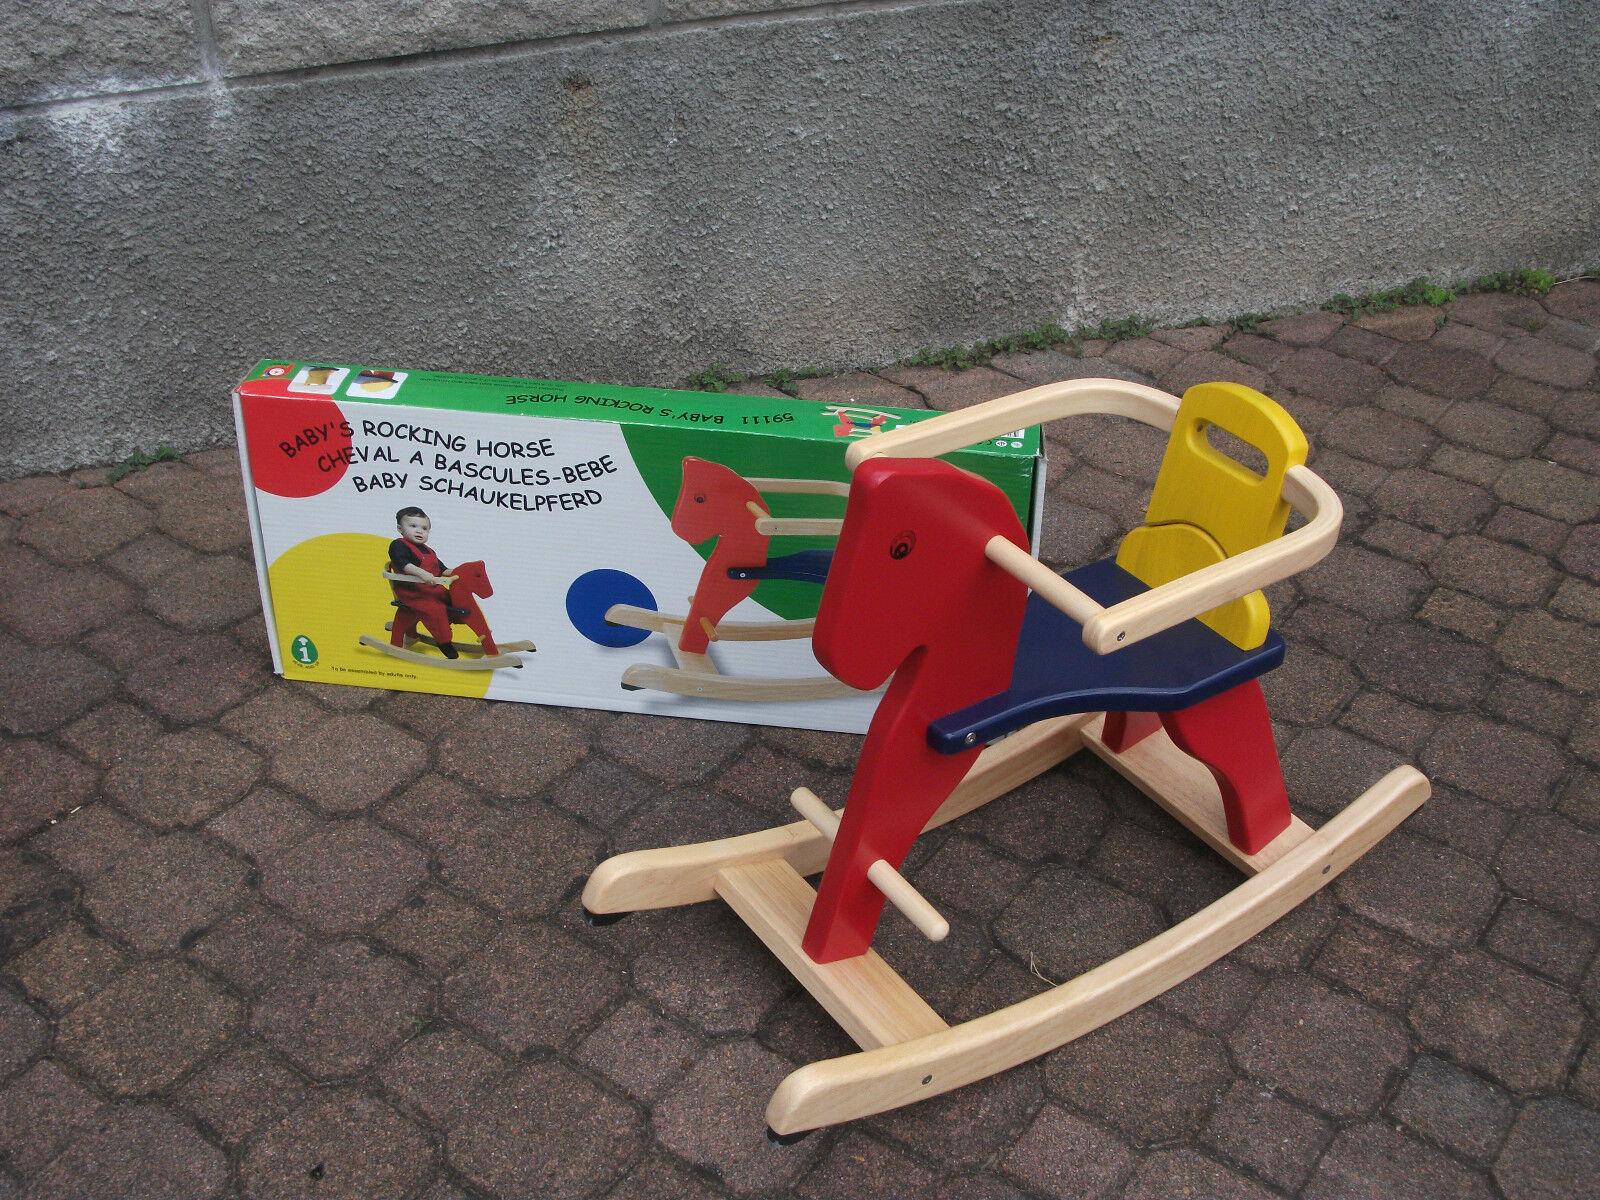 Giocattoli in legno  Pinton Toy 5911-1 Cavallo a dondolo  - colorato